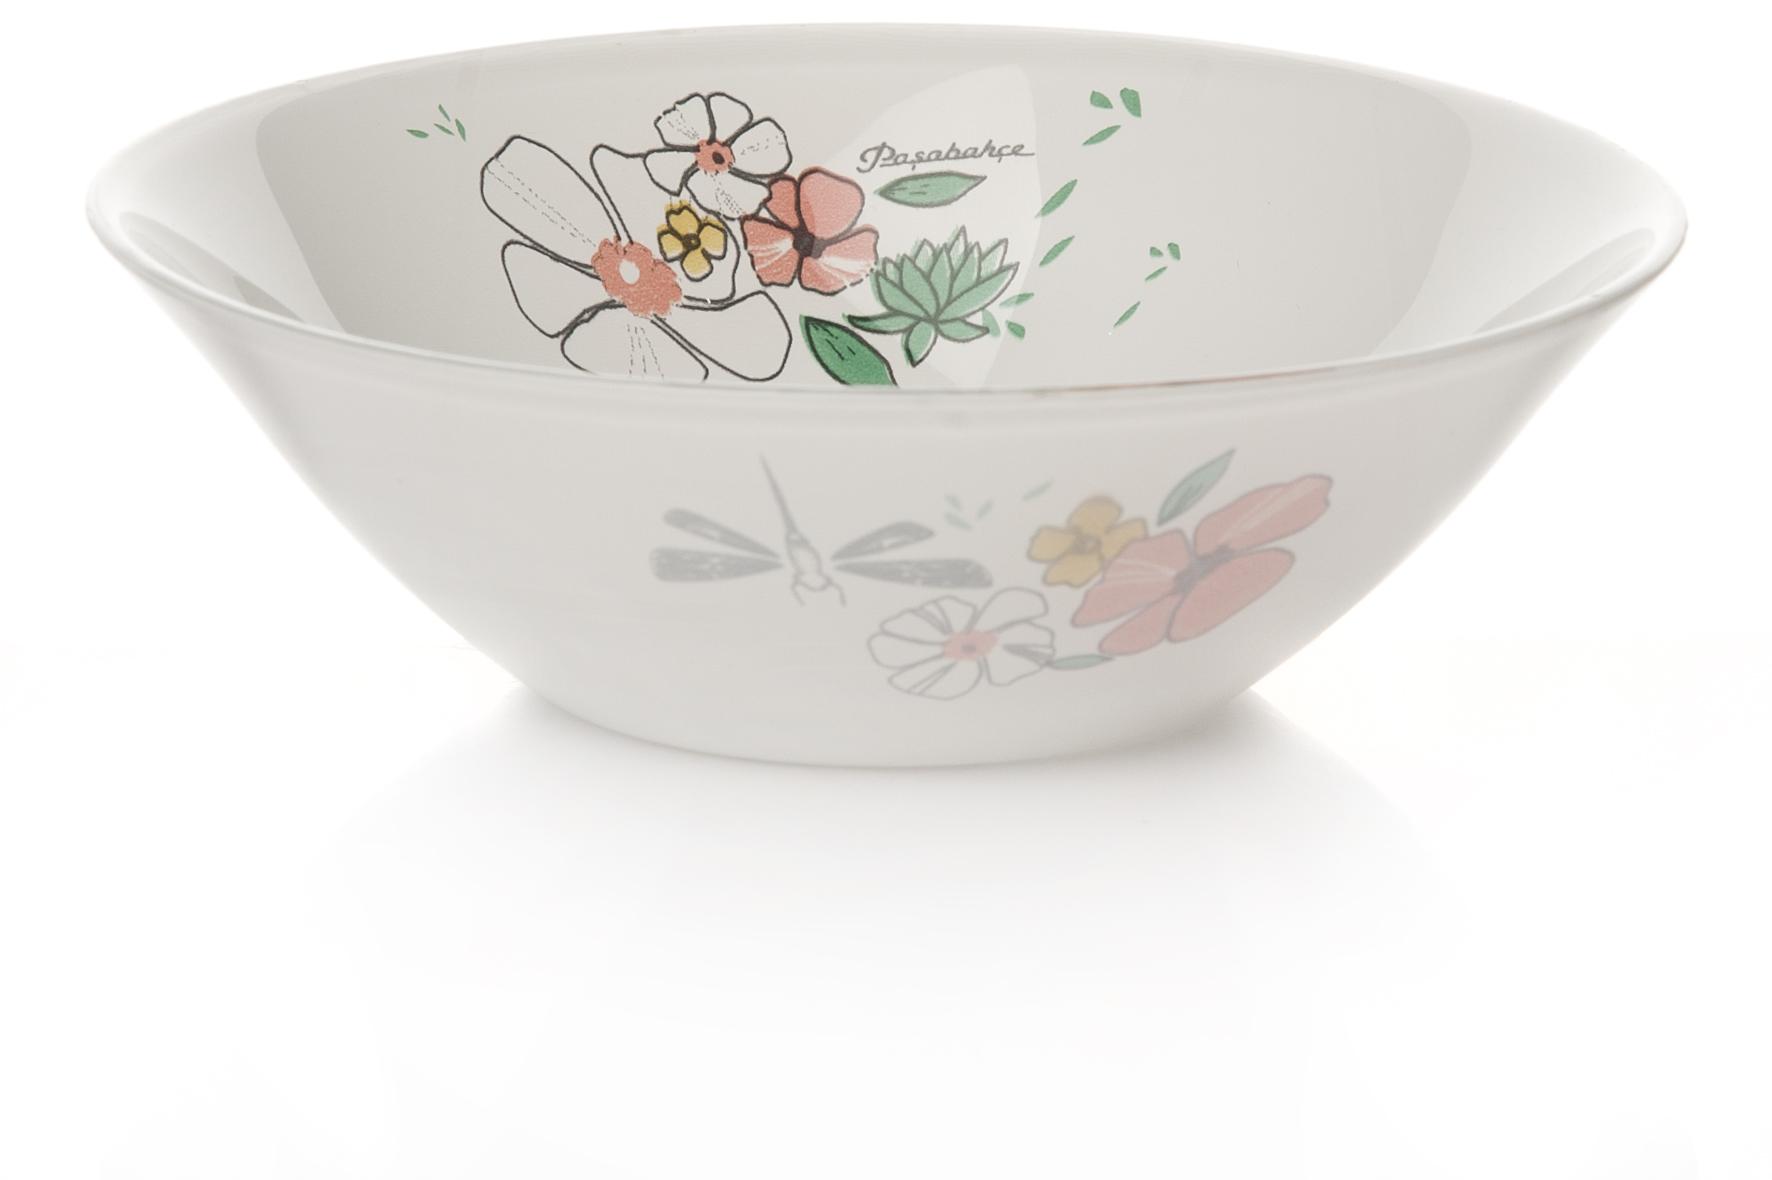 """Салатник Pasabahce """"Нейчер"""" изготовлен из закаленного стекла и оформлен изображением цветов и стрекоз. Такой салатник украсит сервировку вашего стола и подчеркнет прекрасный вкус хозяина, а также станет отличным подарком.Можно мыть в посудомоечной машине и использовать в микроволновой печи."""